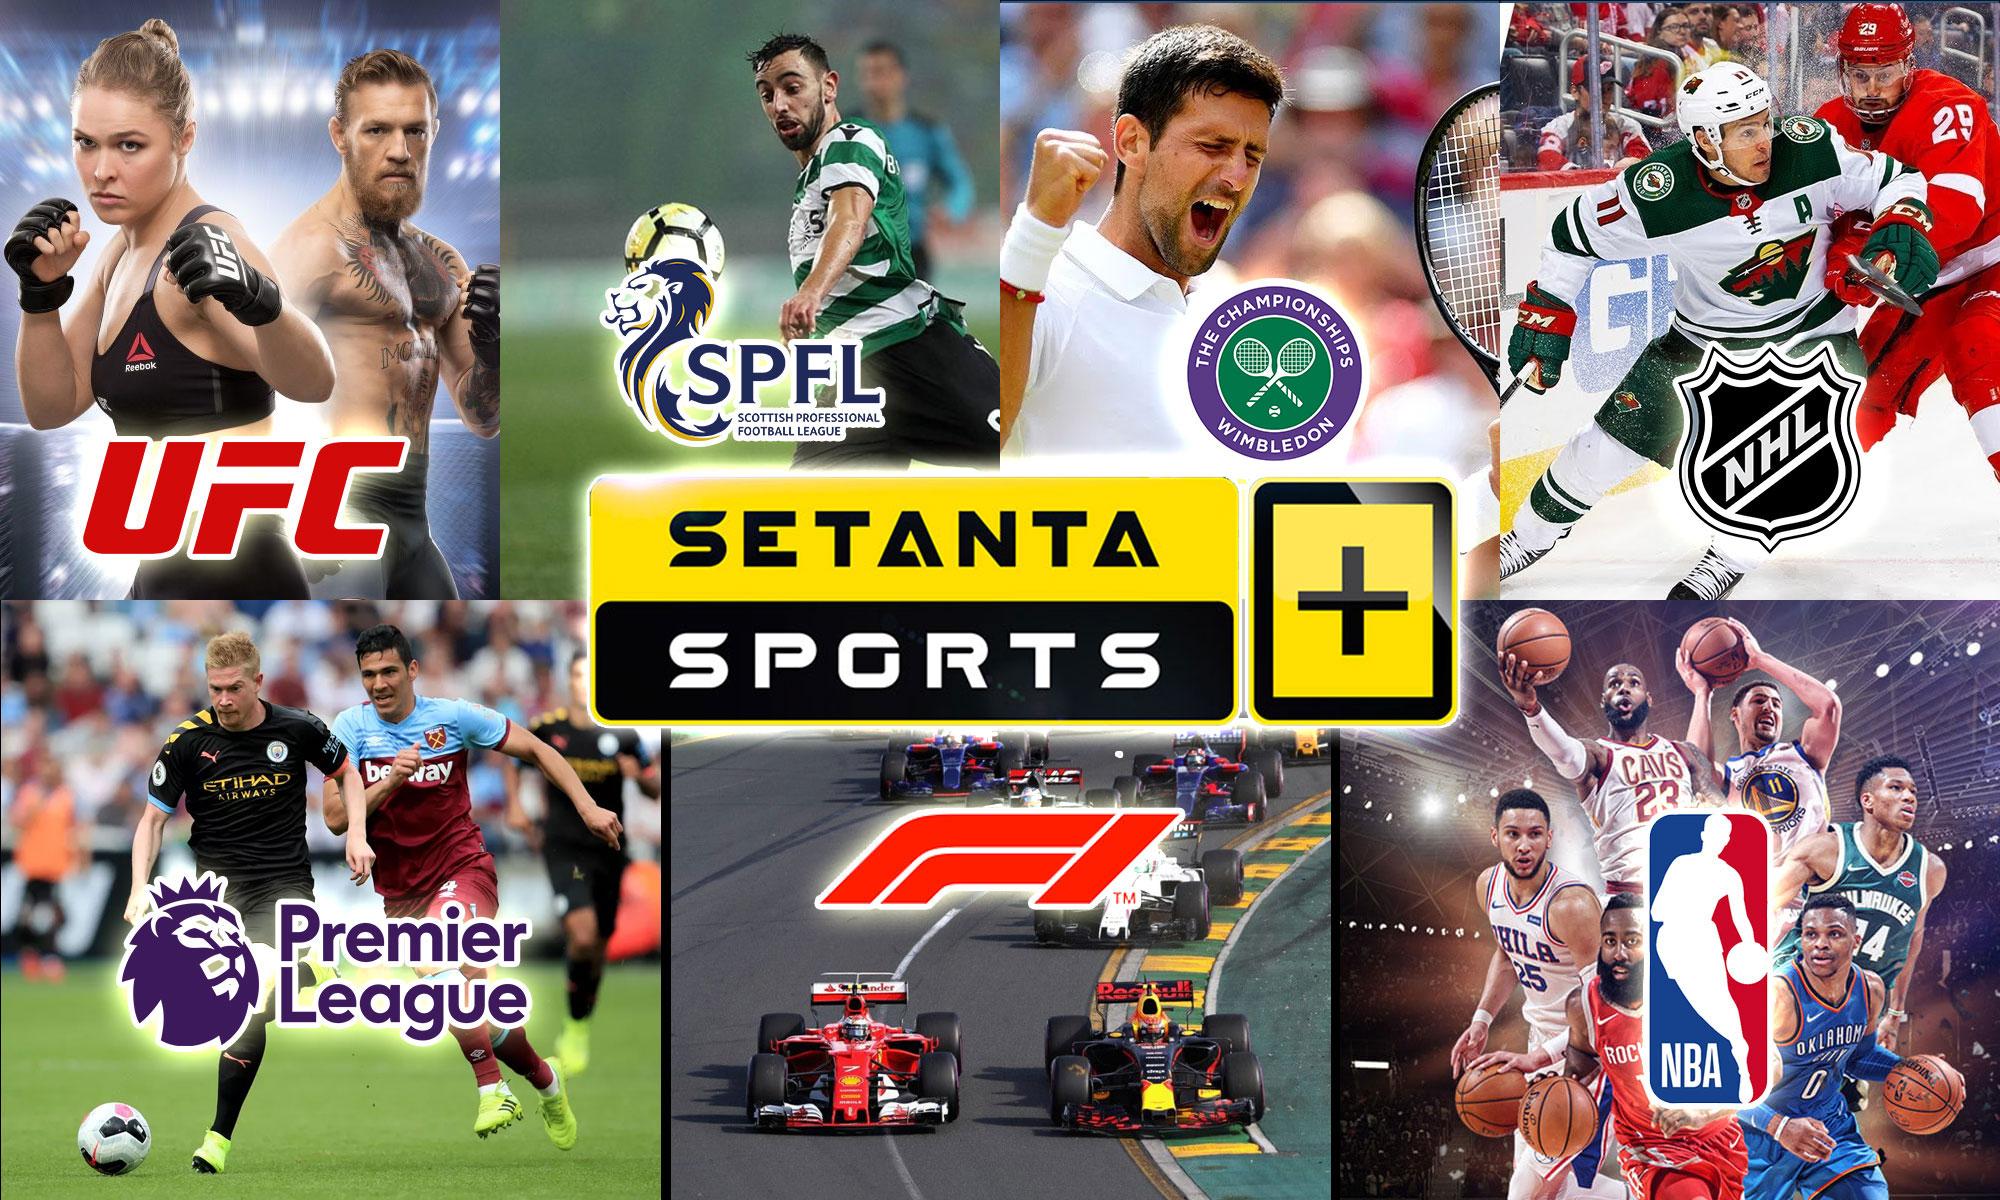 Setanta Sports+ / Setanta Sports Plus